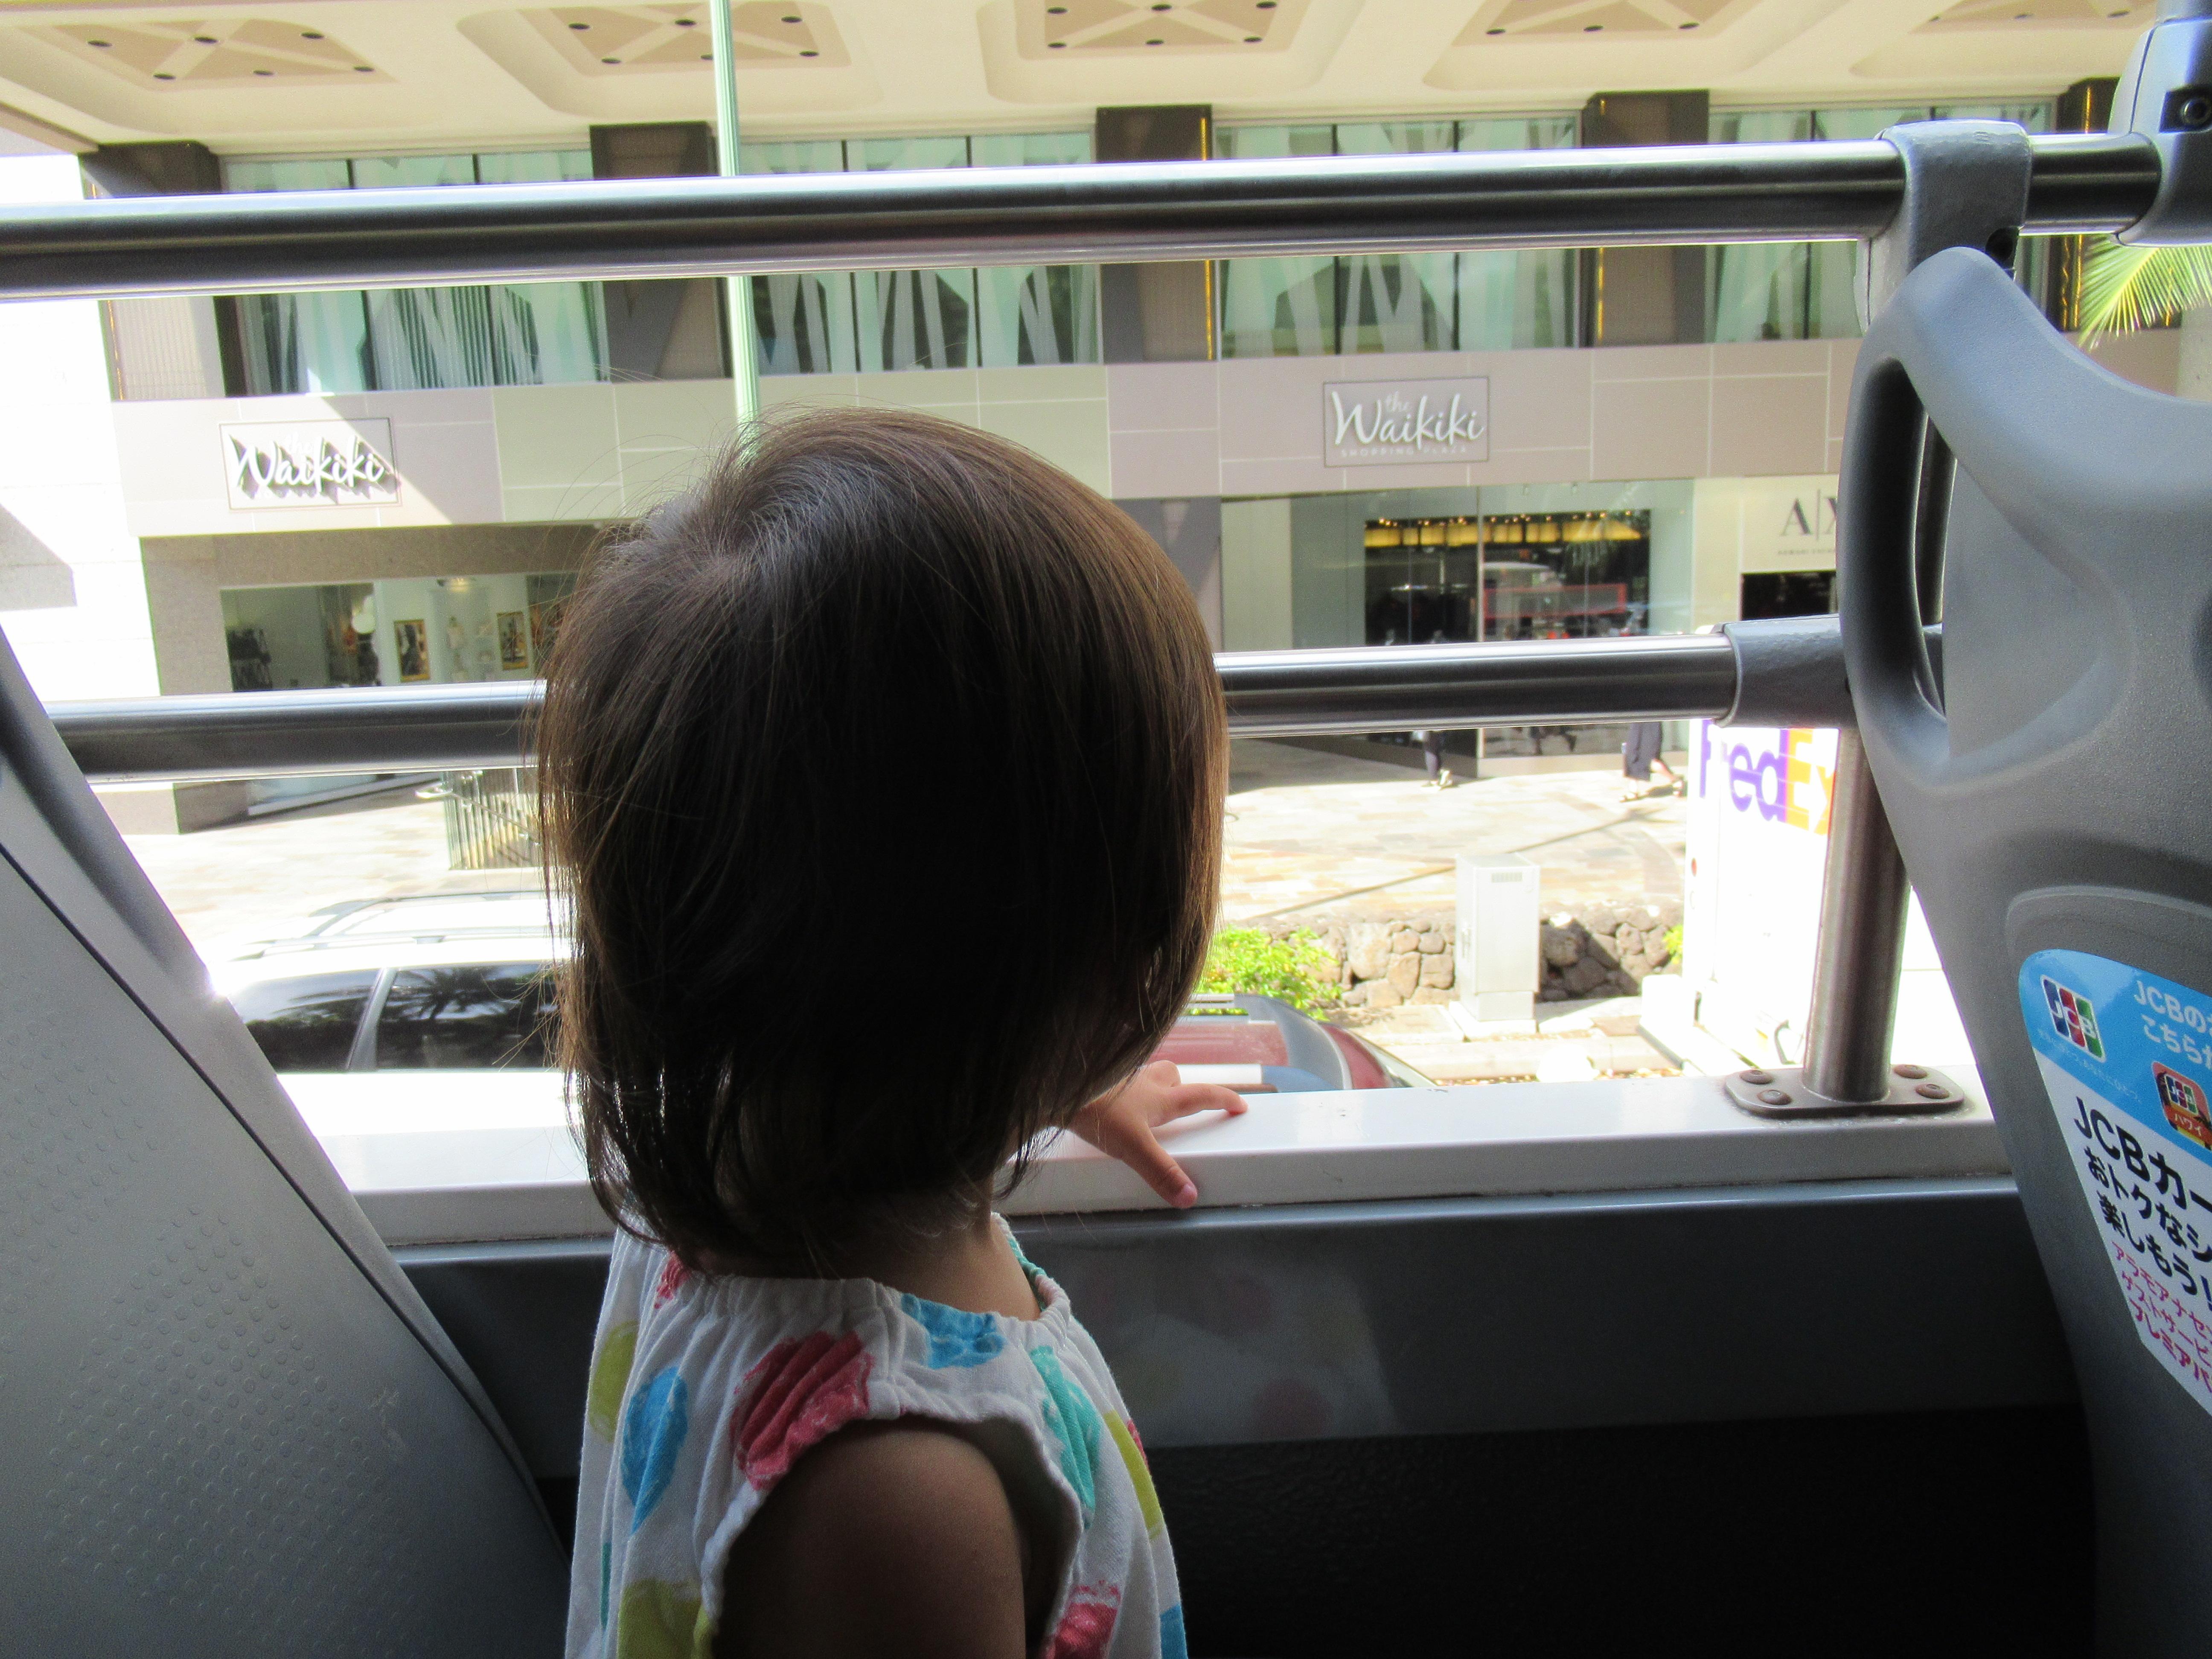 子連れハワイ旅のスケジュール☆子どもと親も楽しむ方法!5才児と2才児とブログ旅行